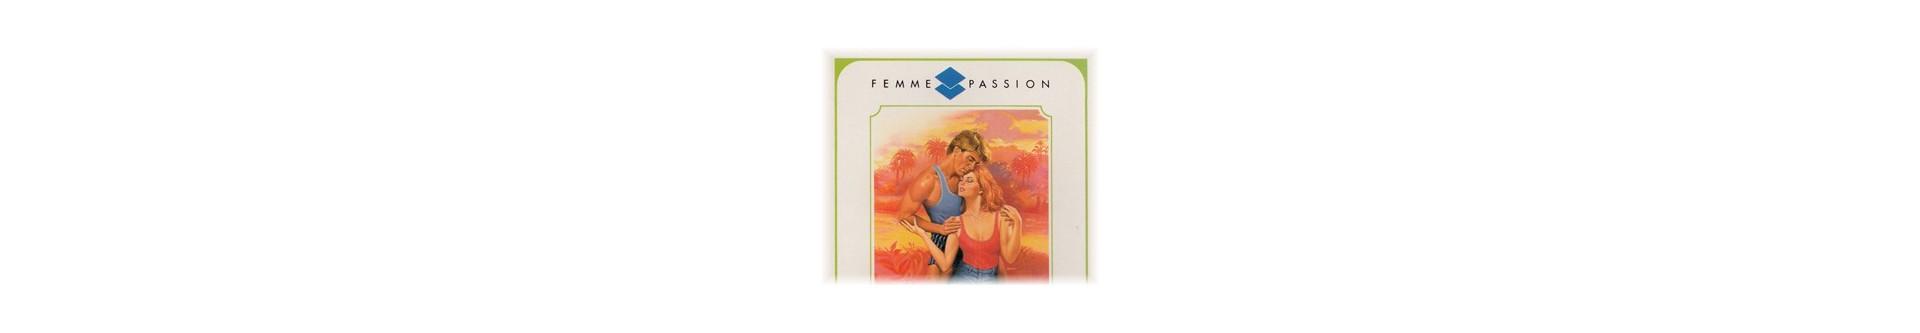 Femme Passion | Presses de la Cité | Vente de livres d'occasion